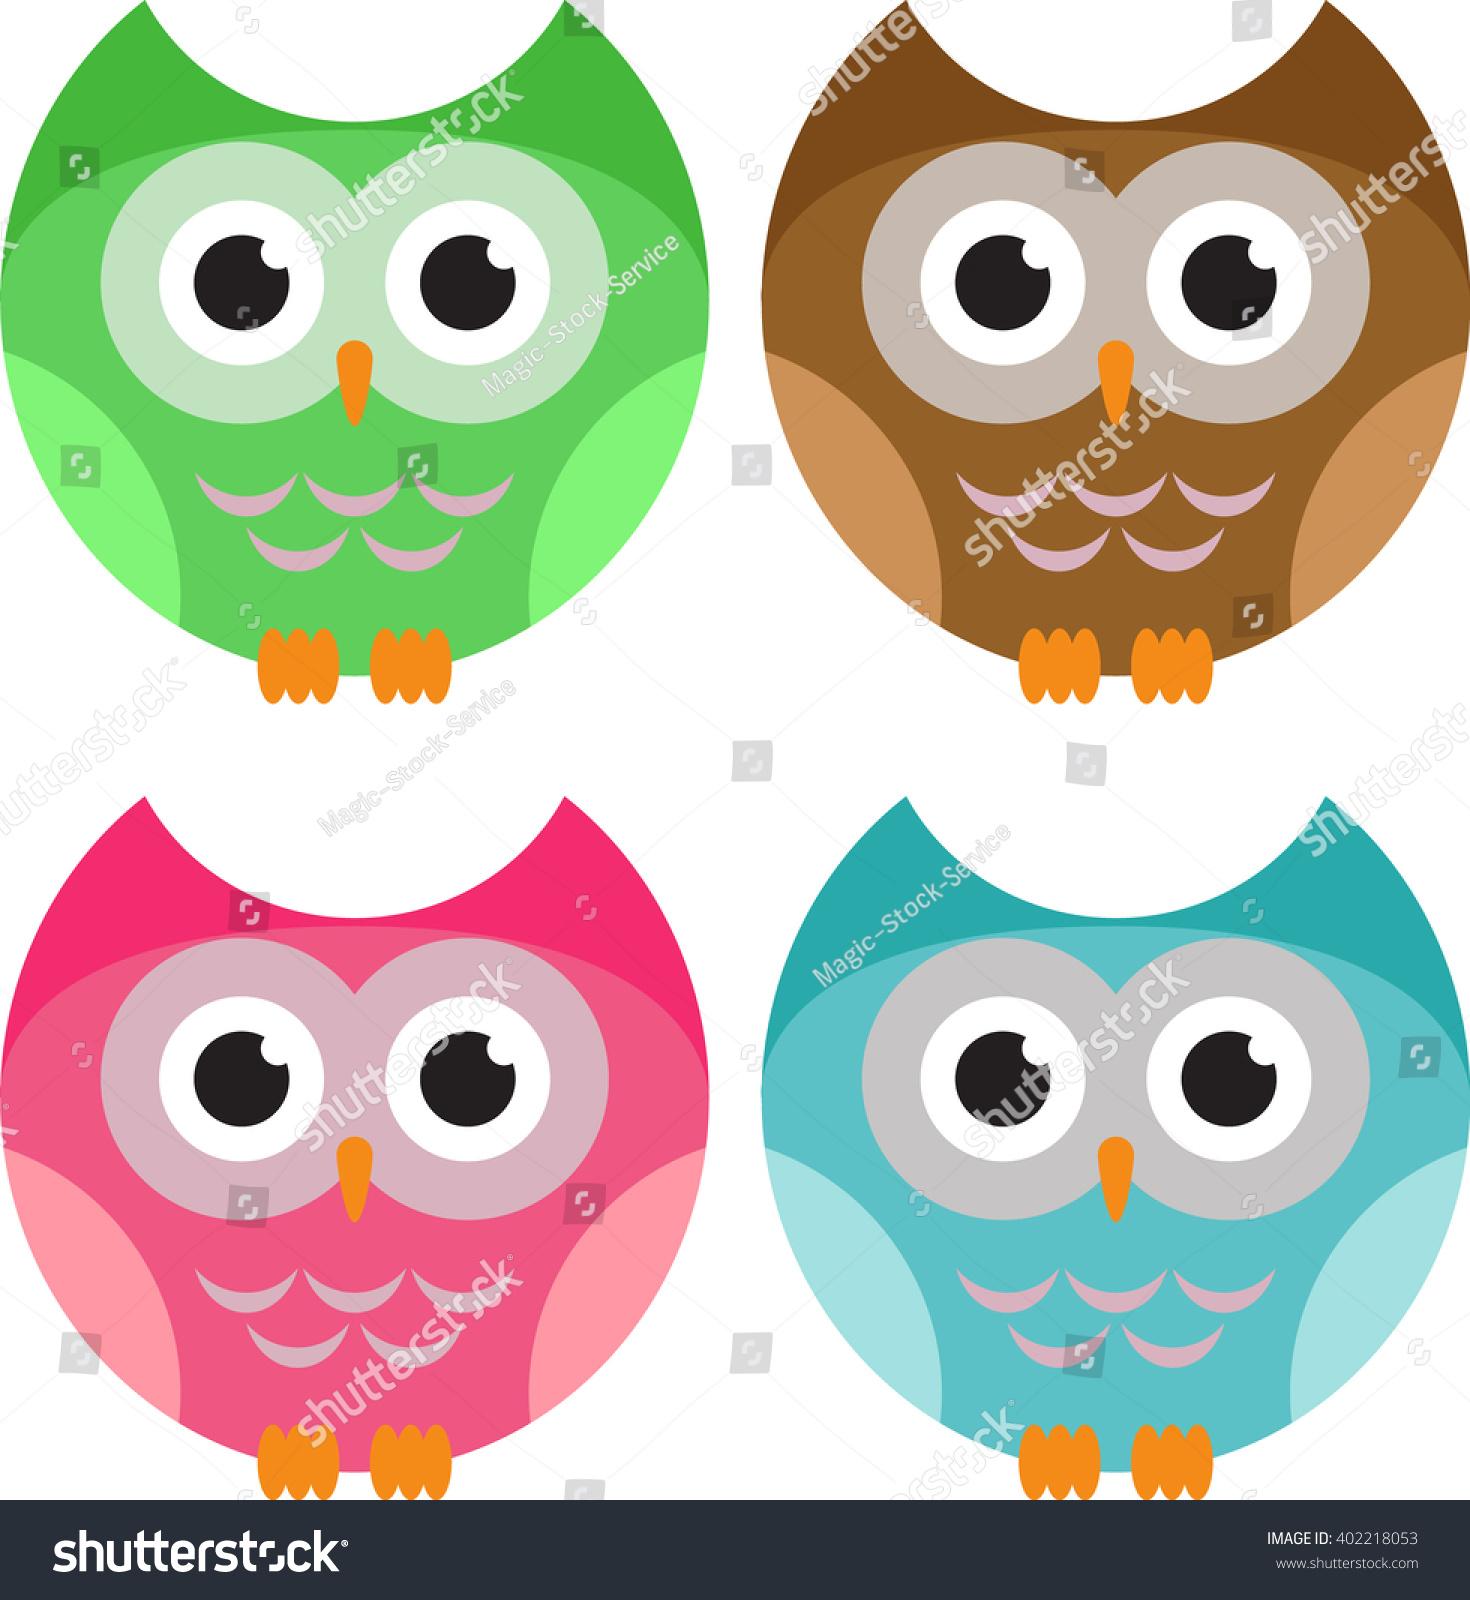 Colours Spec Q A Etc Etc: Set Funny Owls Vector Illustrations Color Stock Vector